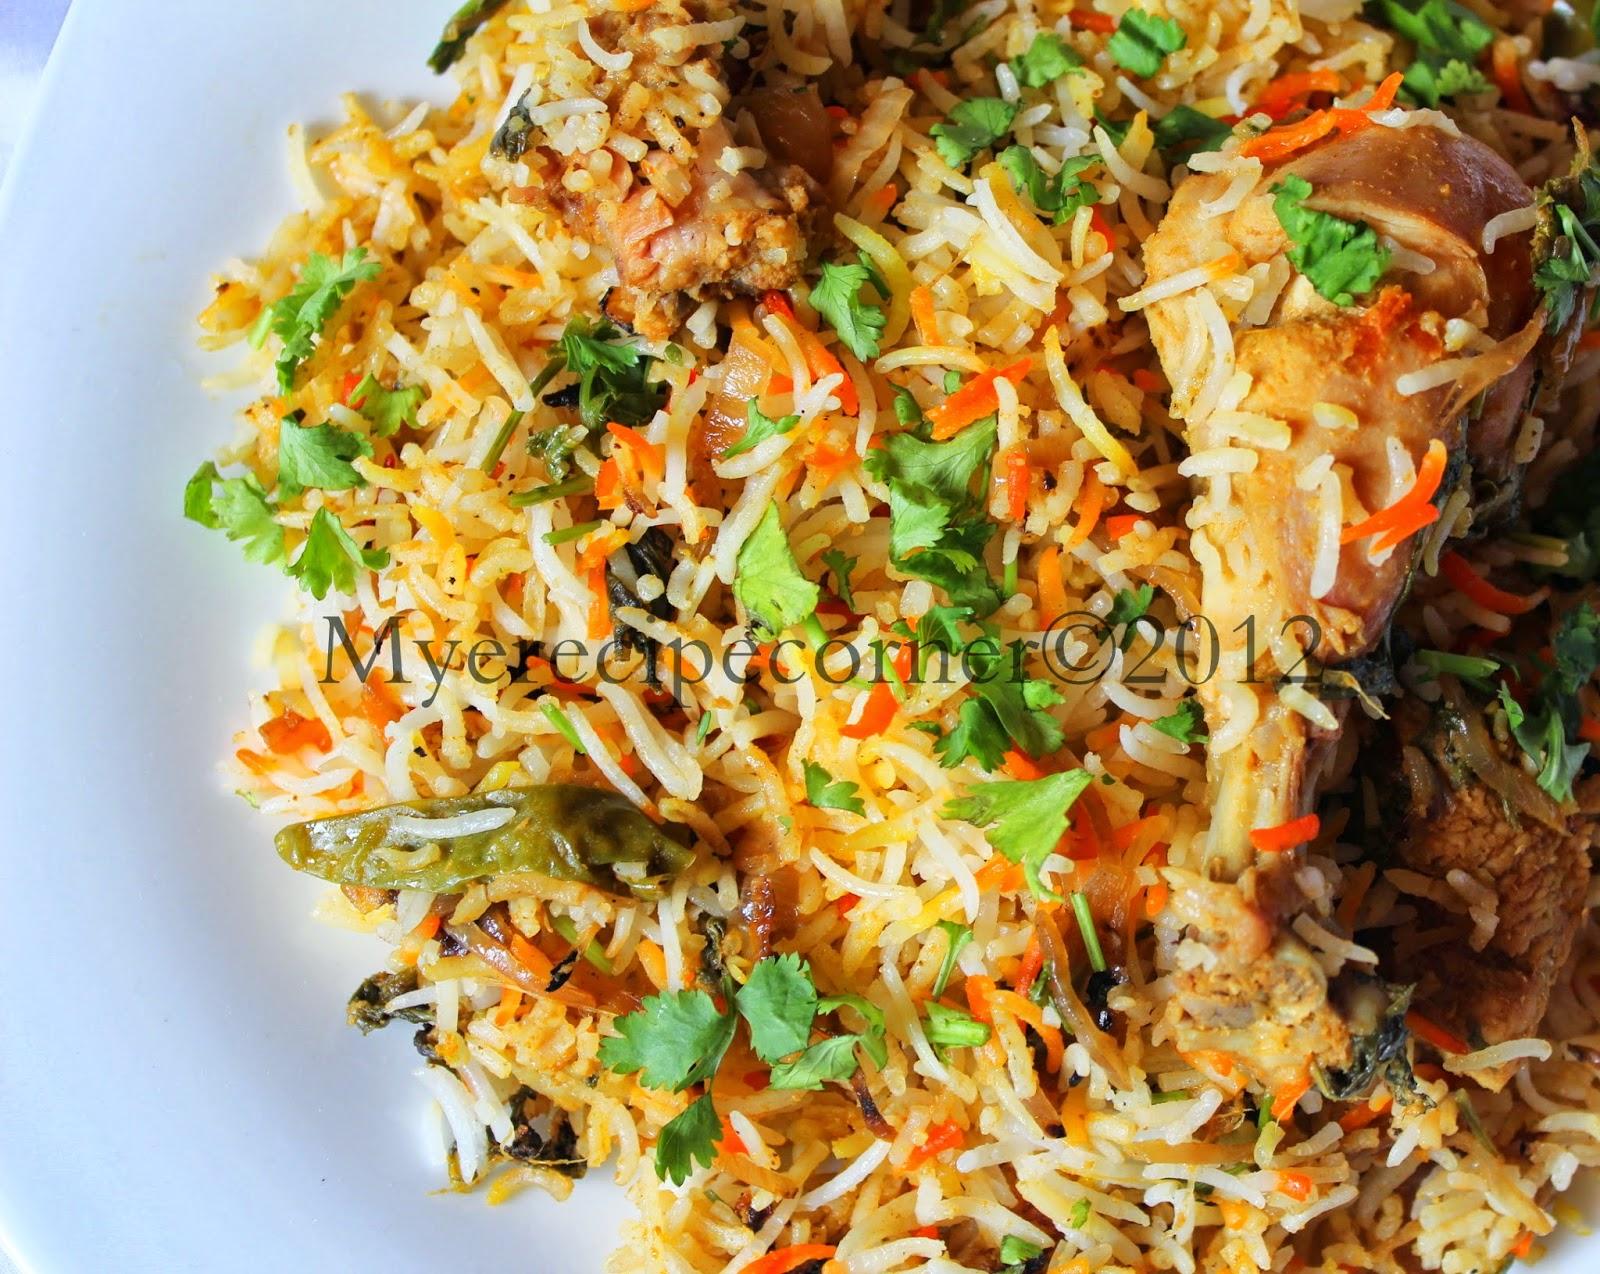 Mye's Kitche... Hyderabadi Chicken Biryani